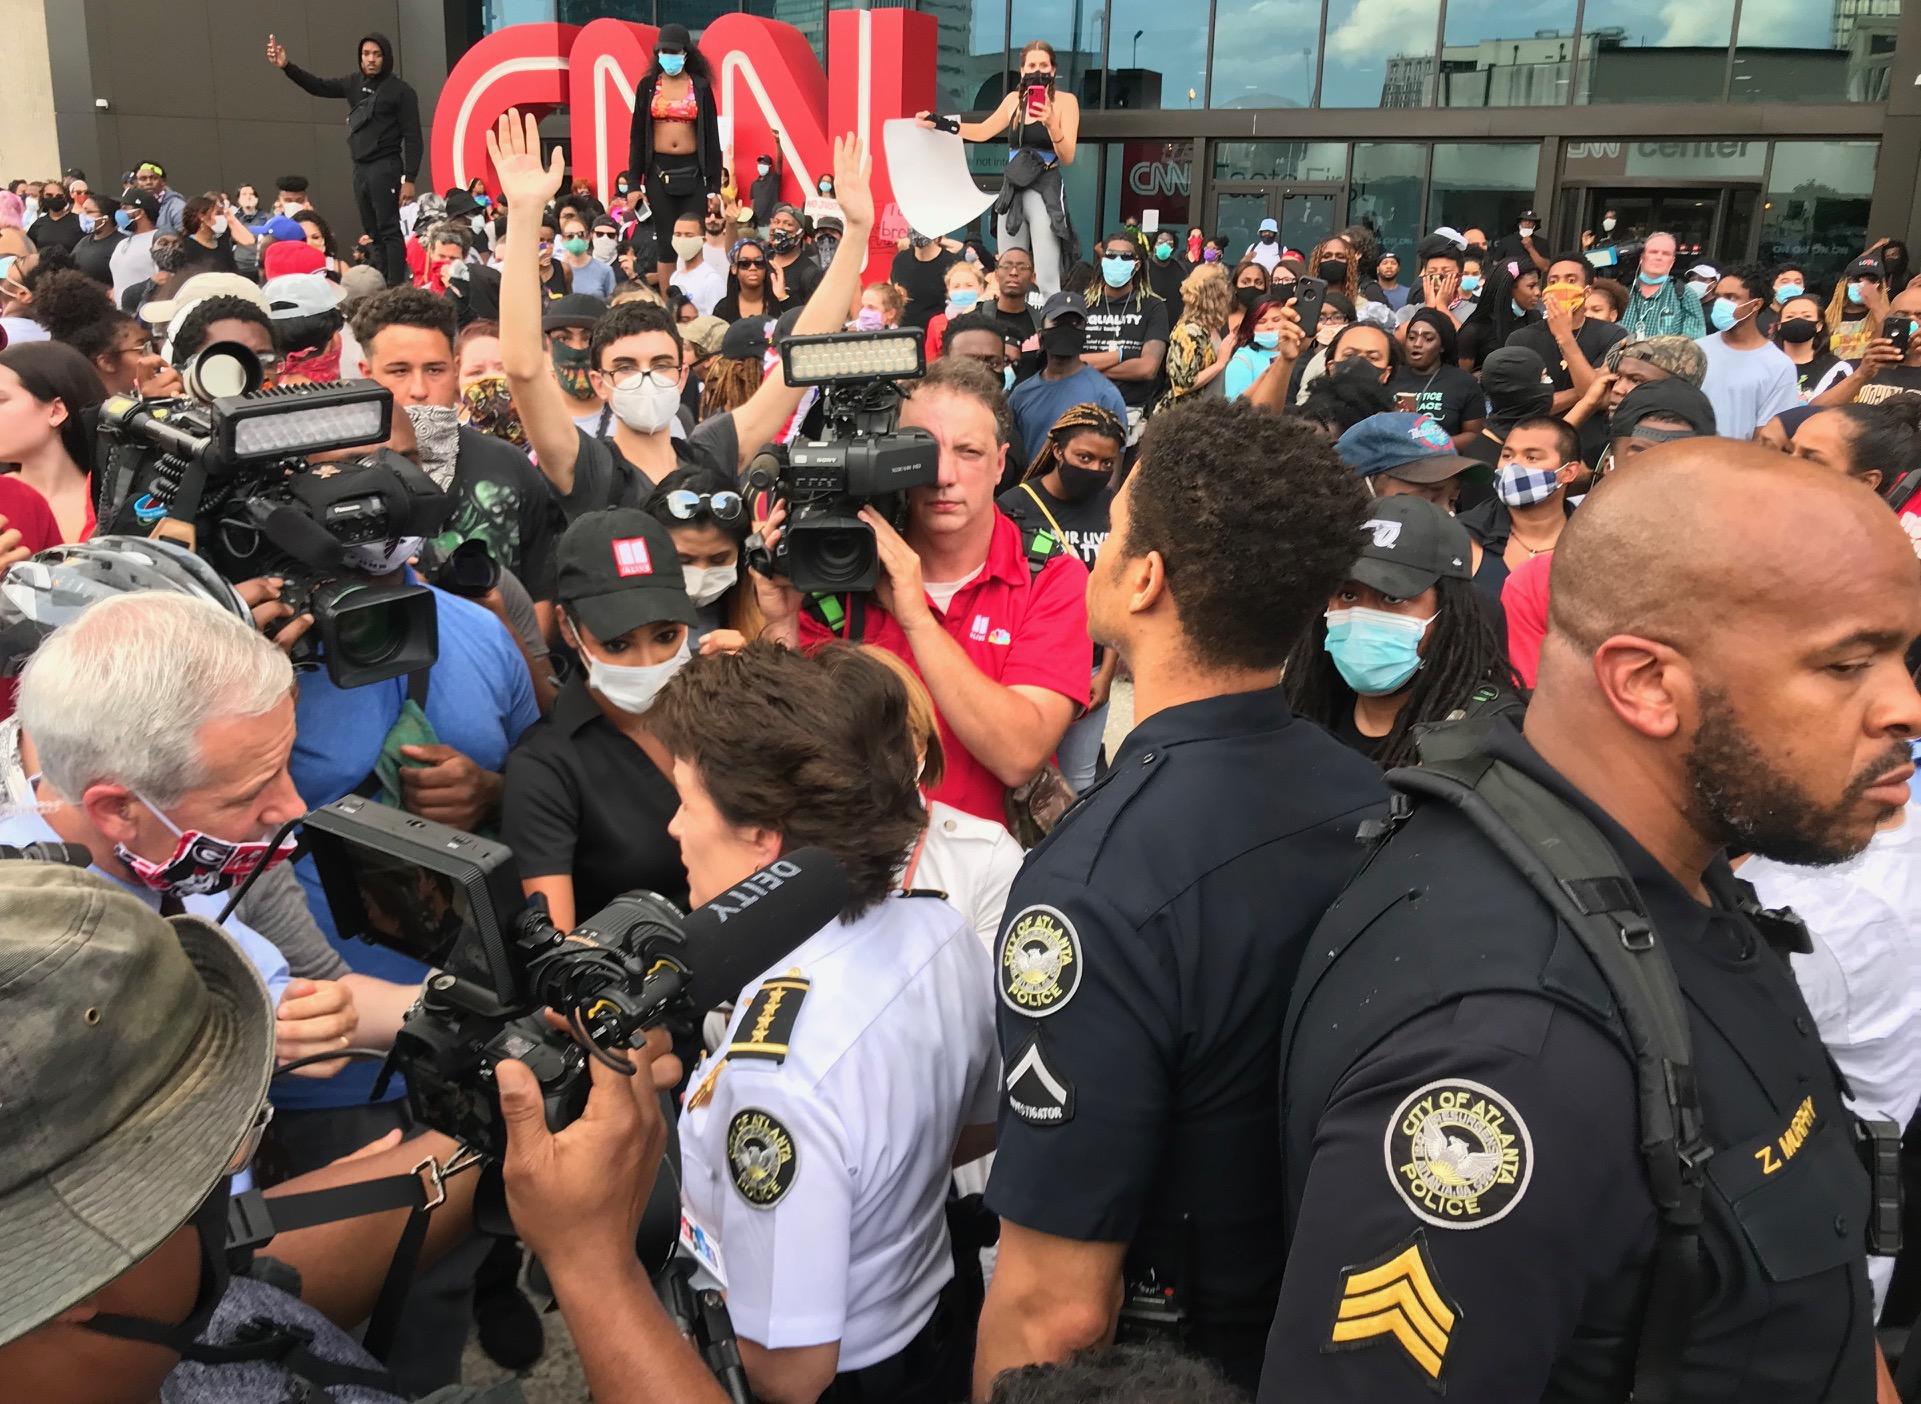 AtlantaProtests_10